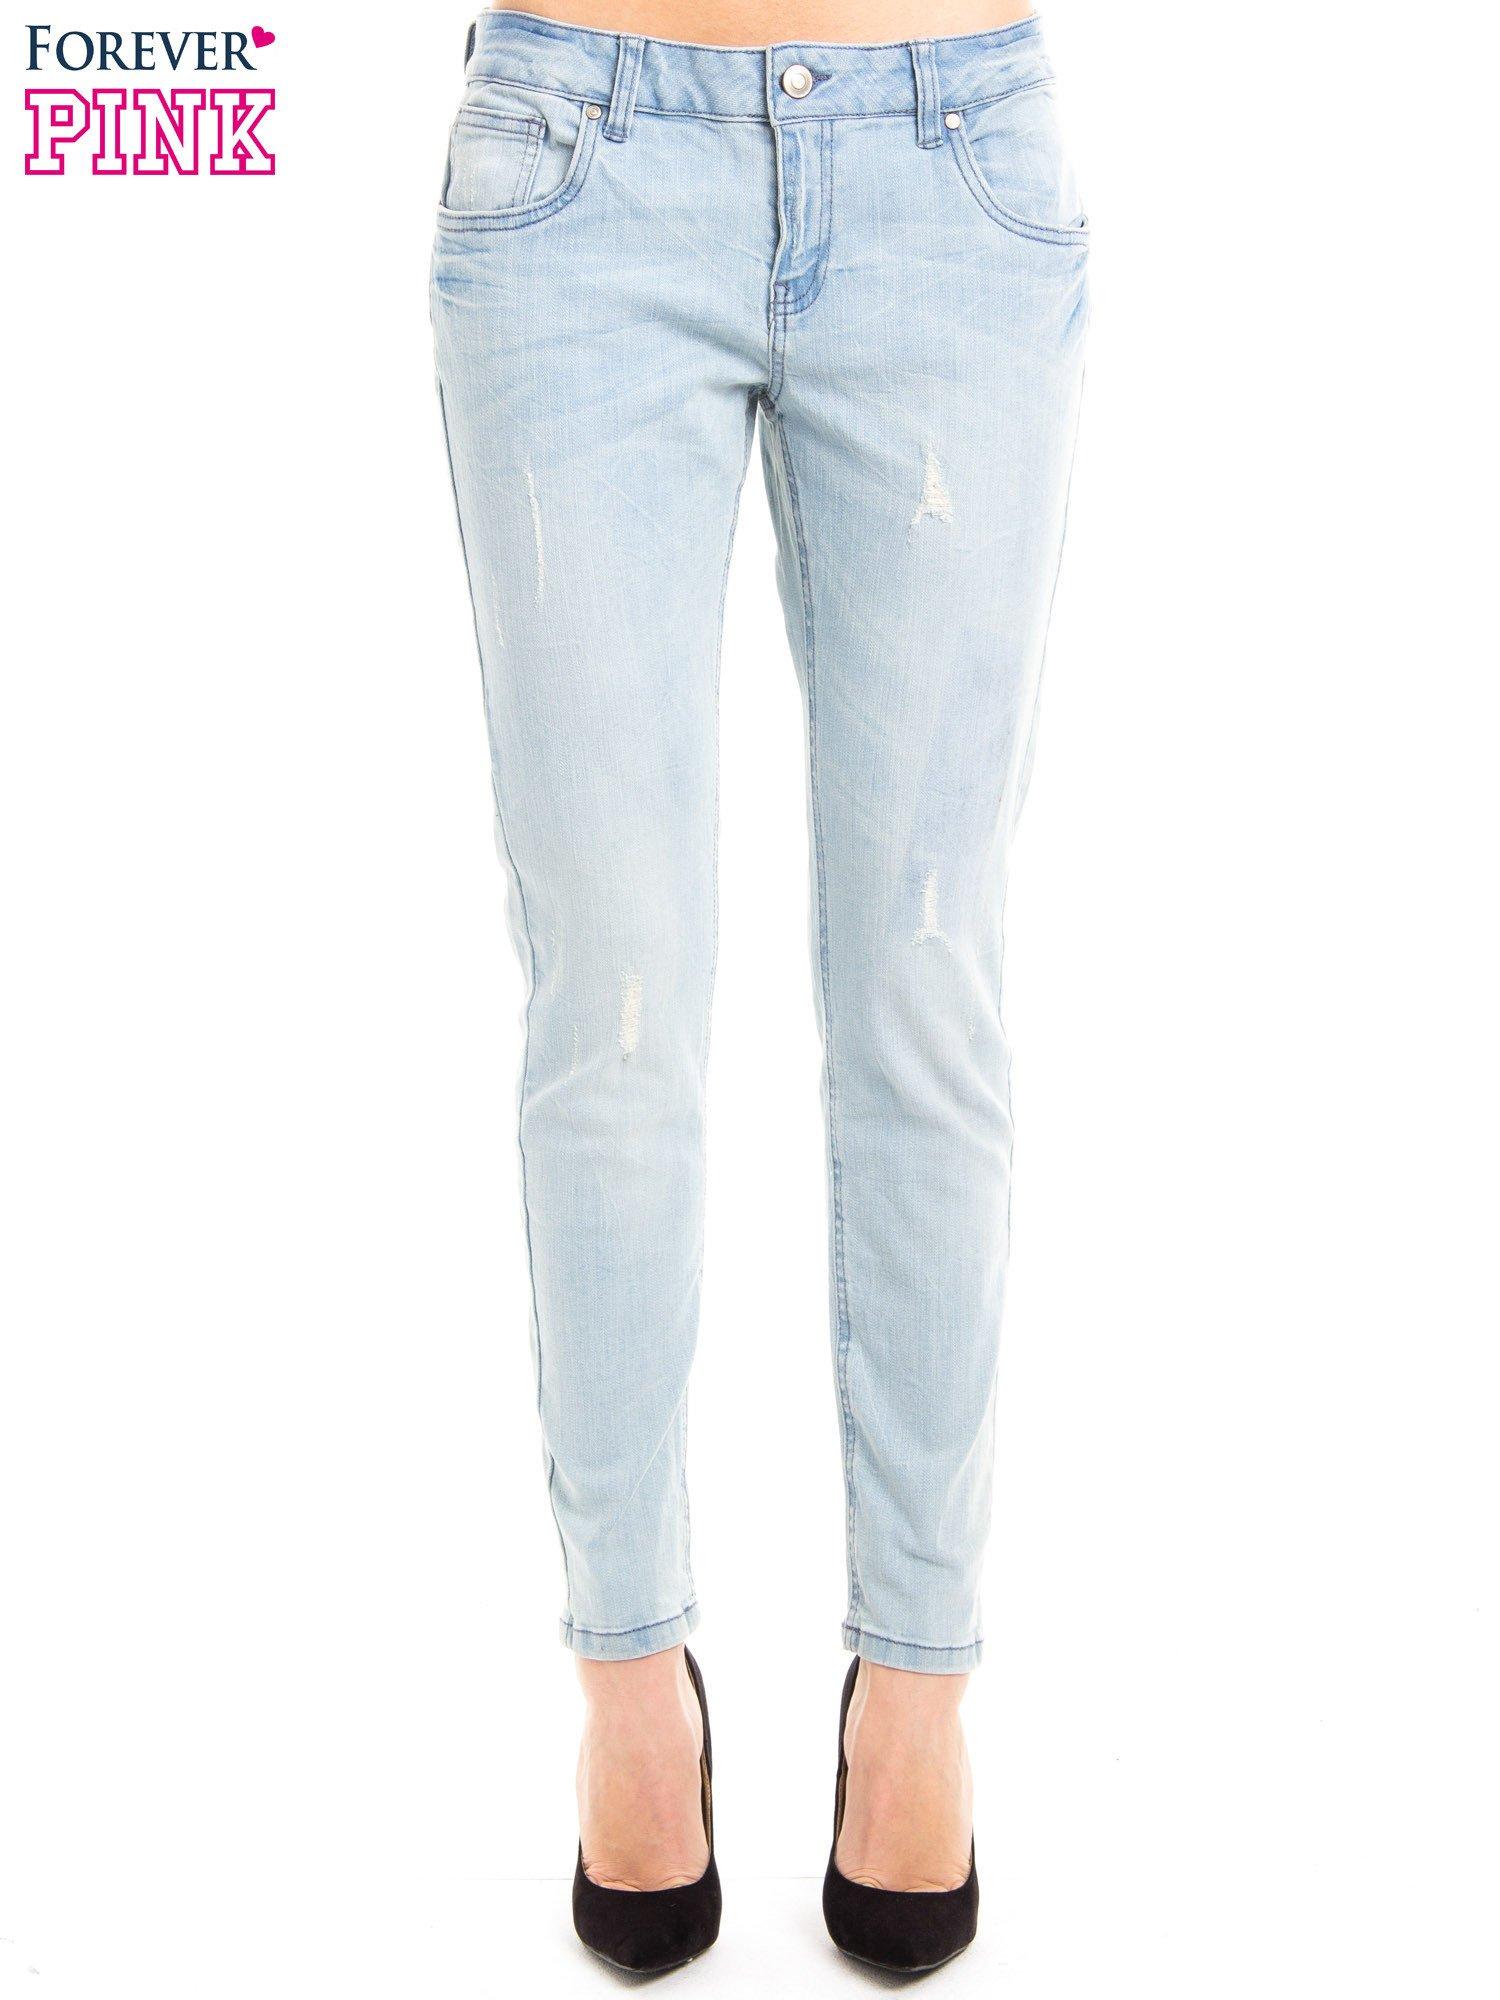 Jasnoniebieskie jeansy rurki z przetarciami                                  zdj.                                  2